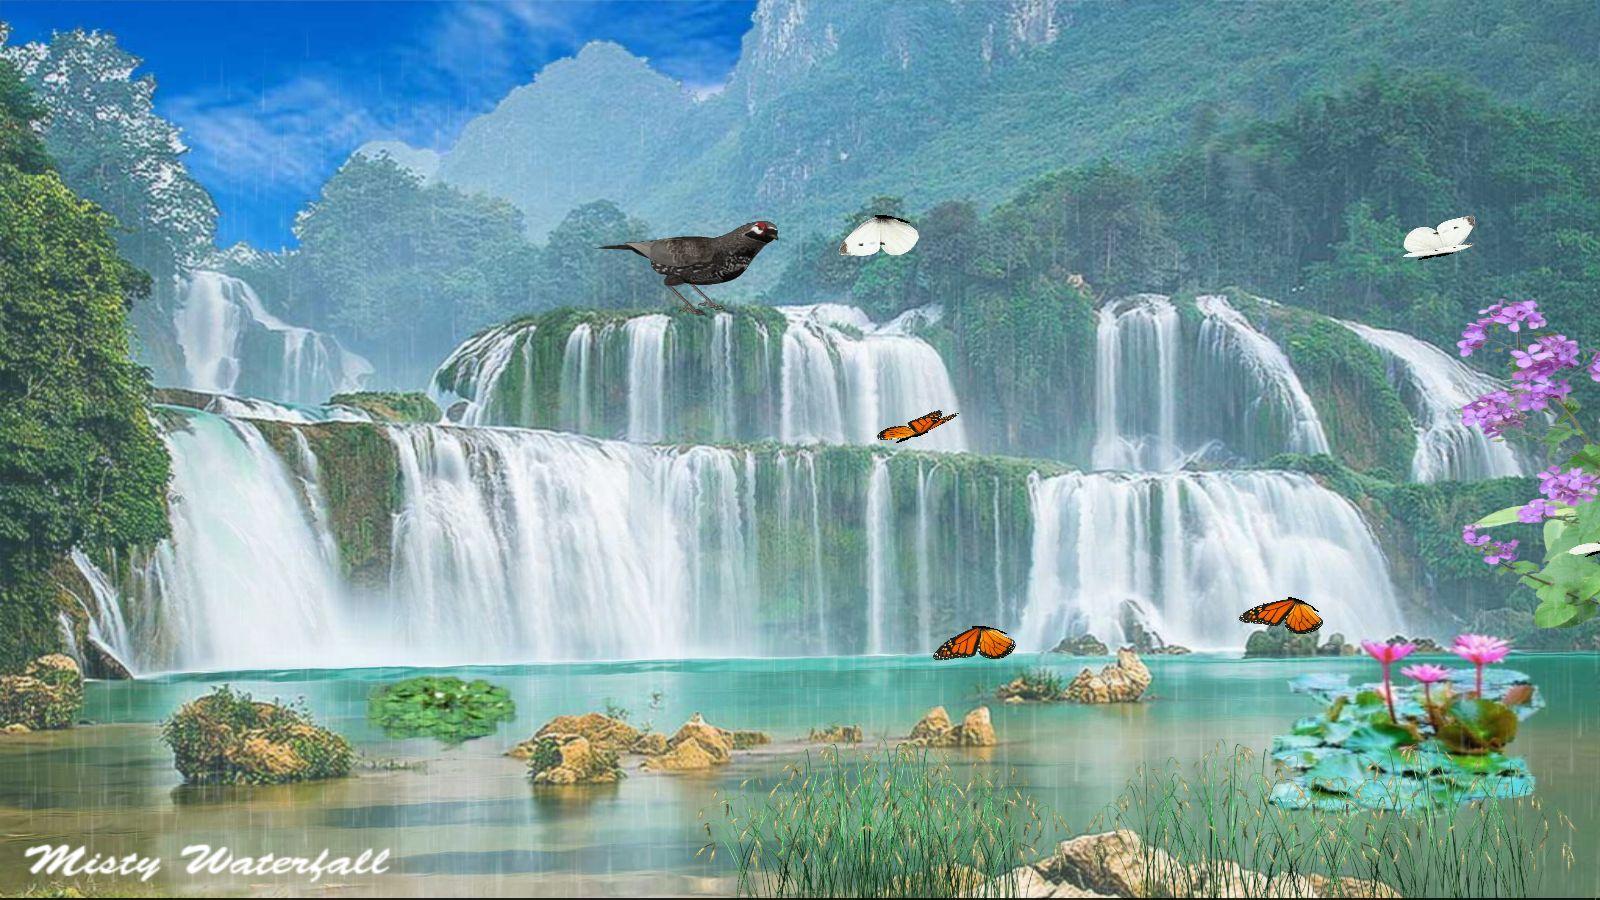 Misty Wasserfall Hintergrundbild [Download]